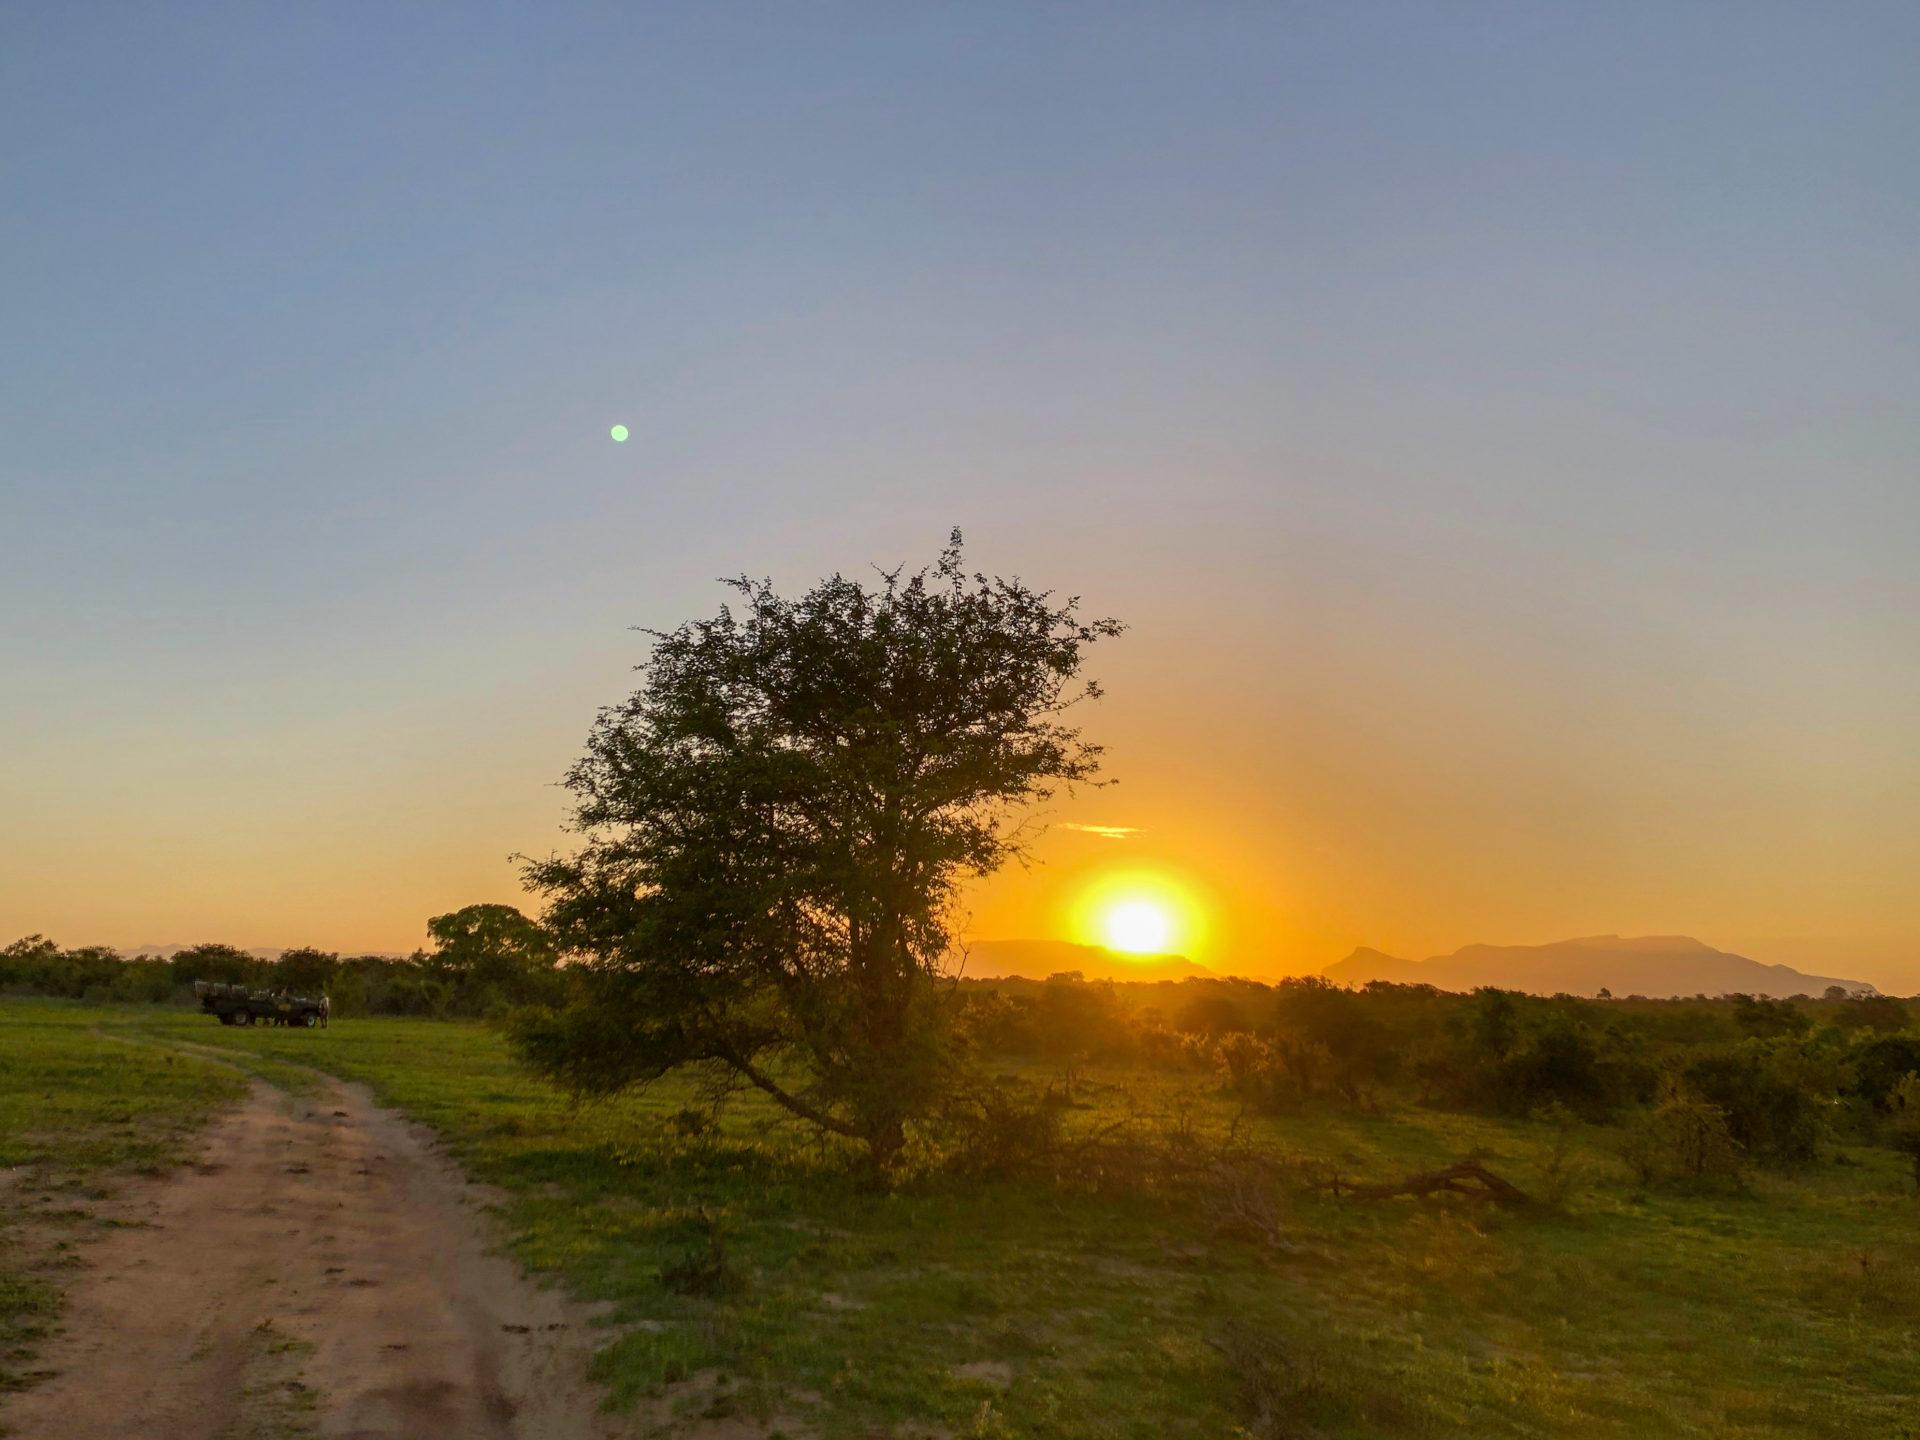 Sonnenuntergang über dem Greater Krueger Nationalpark